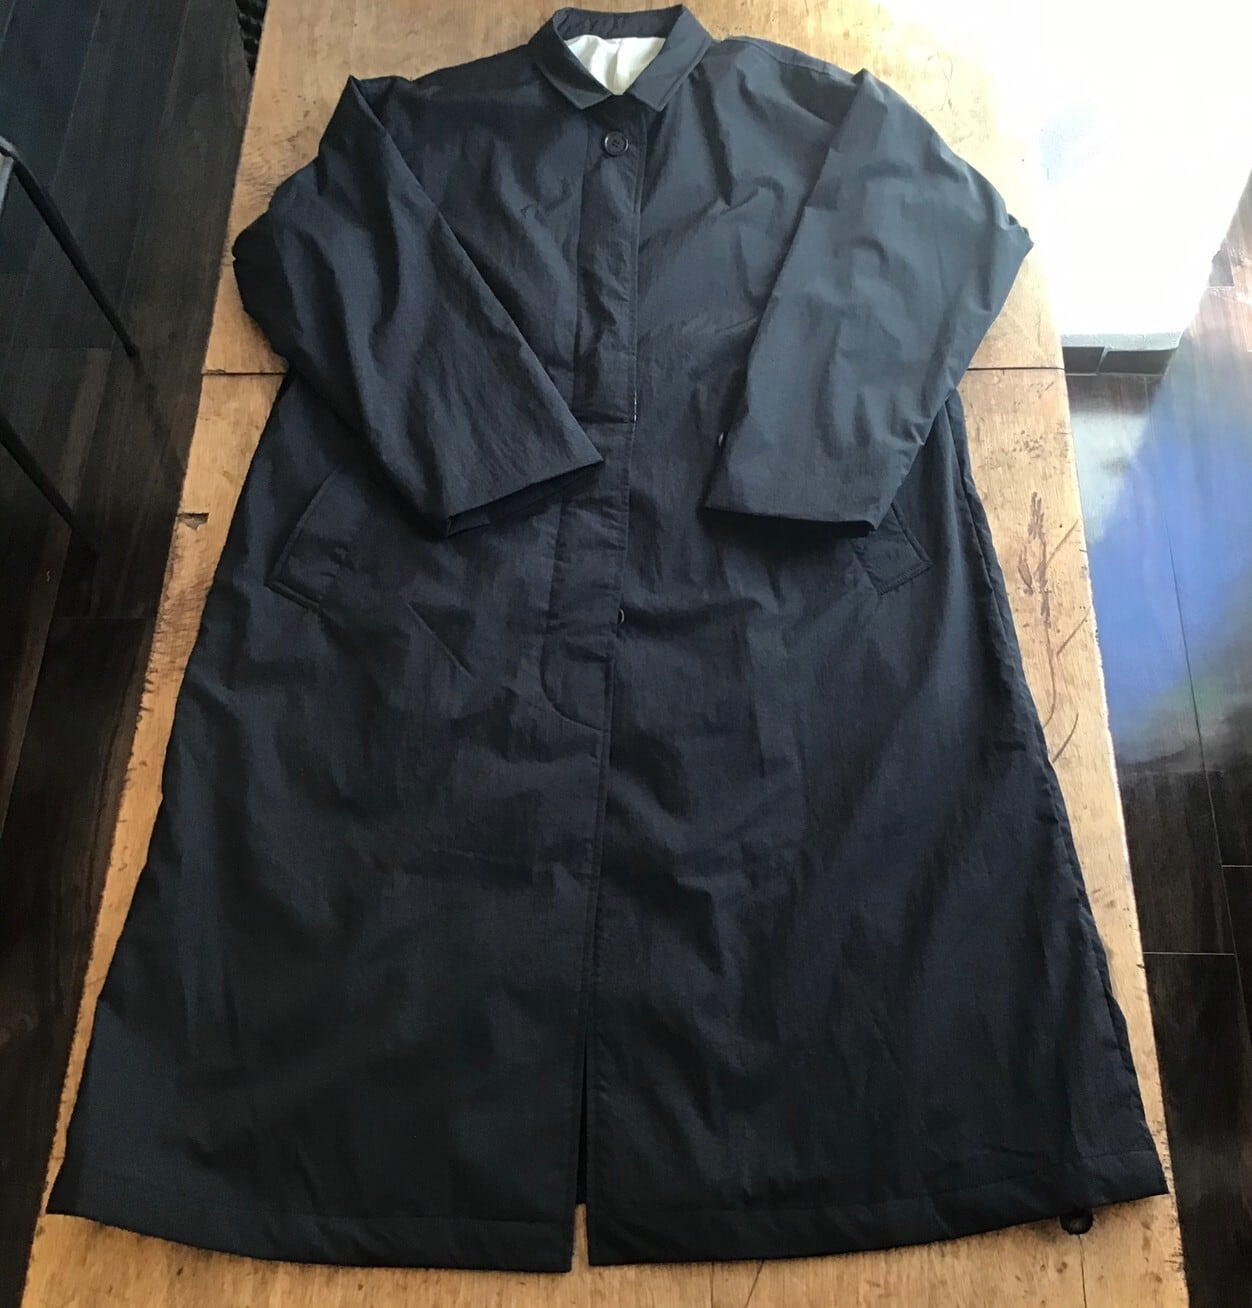 UNUSED US1875 color black size 0